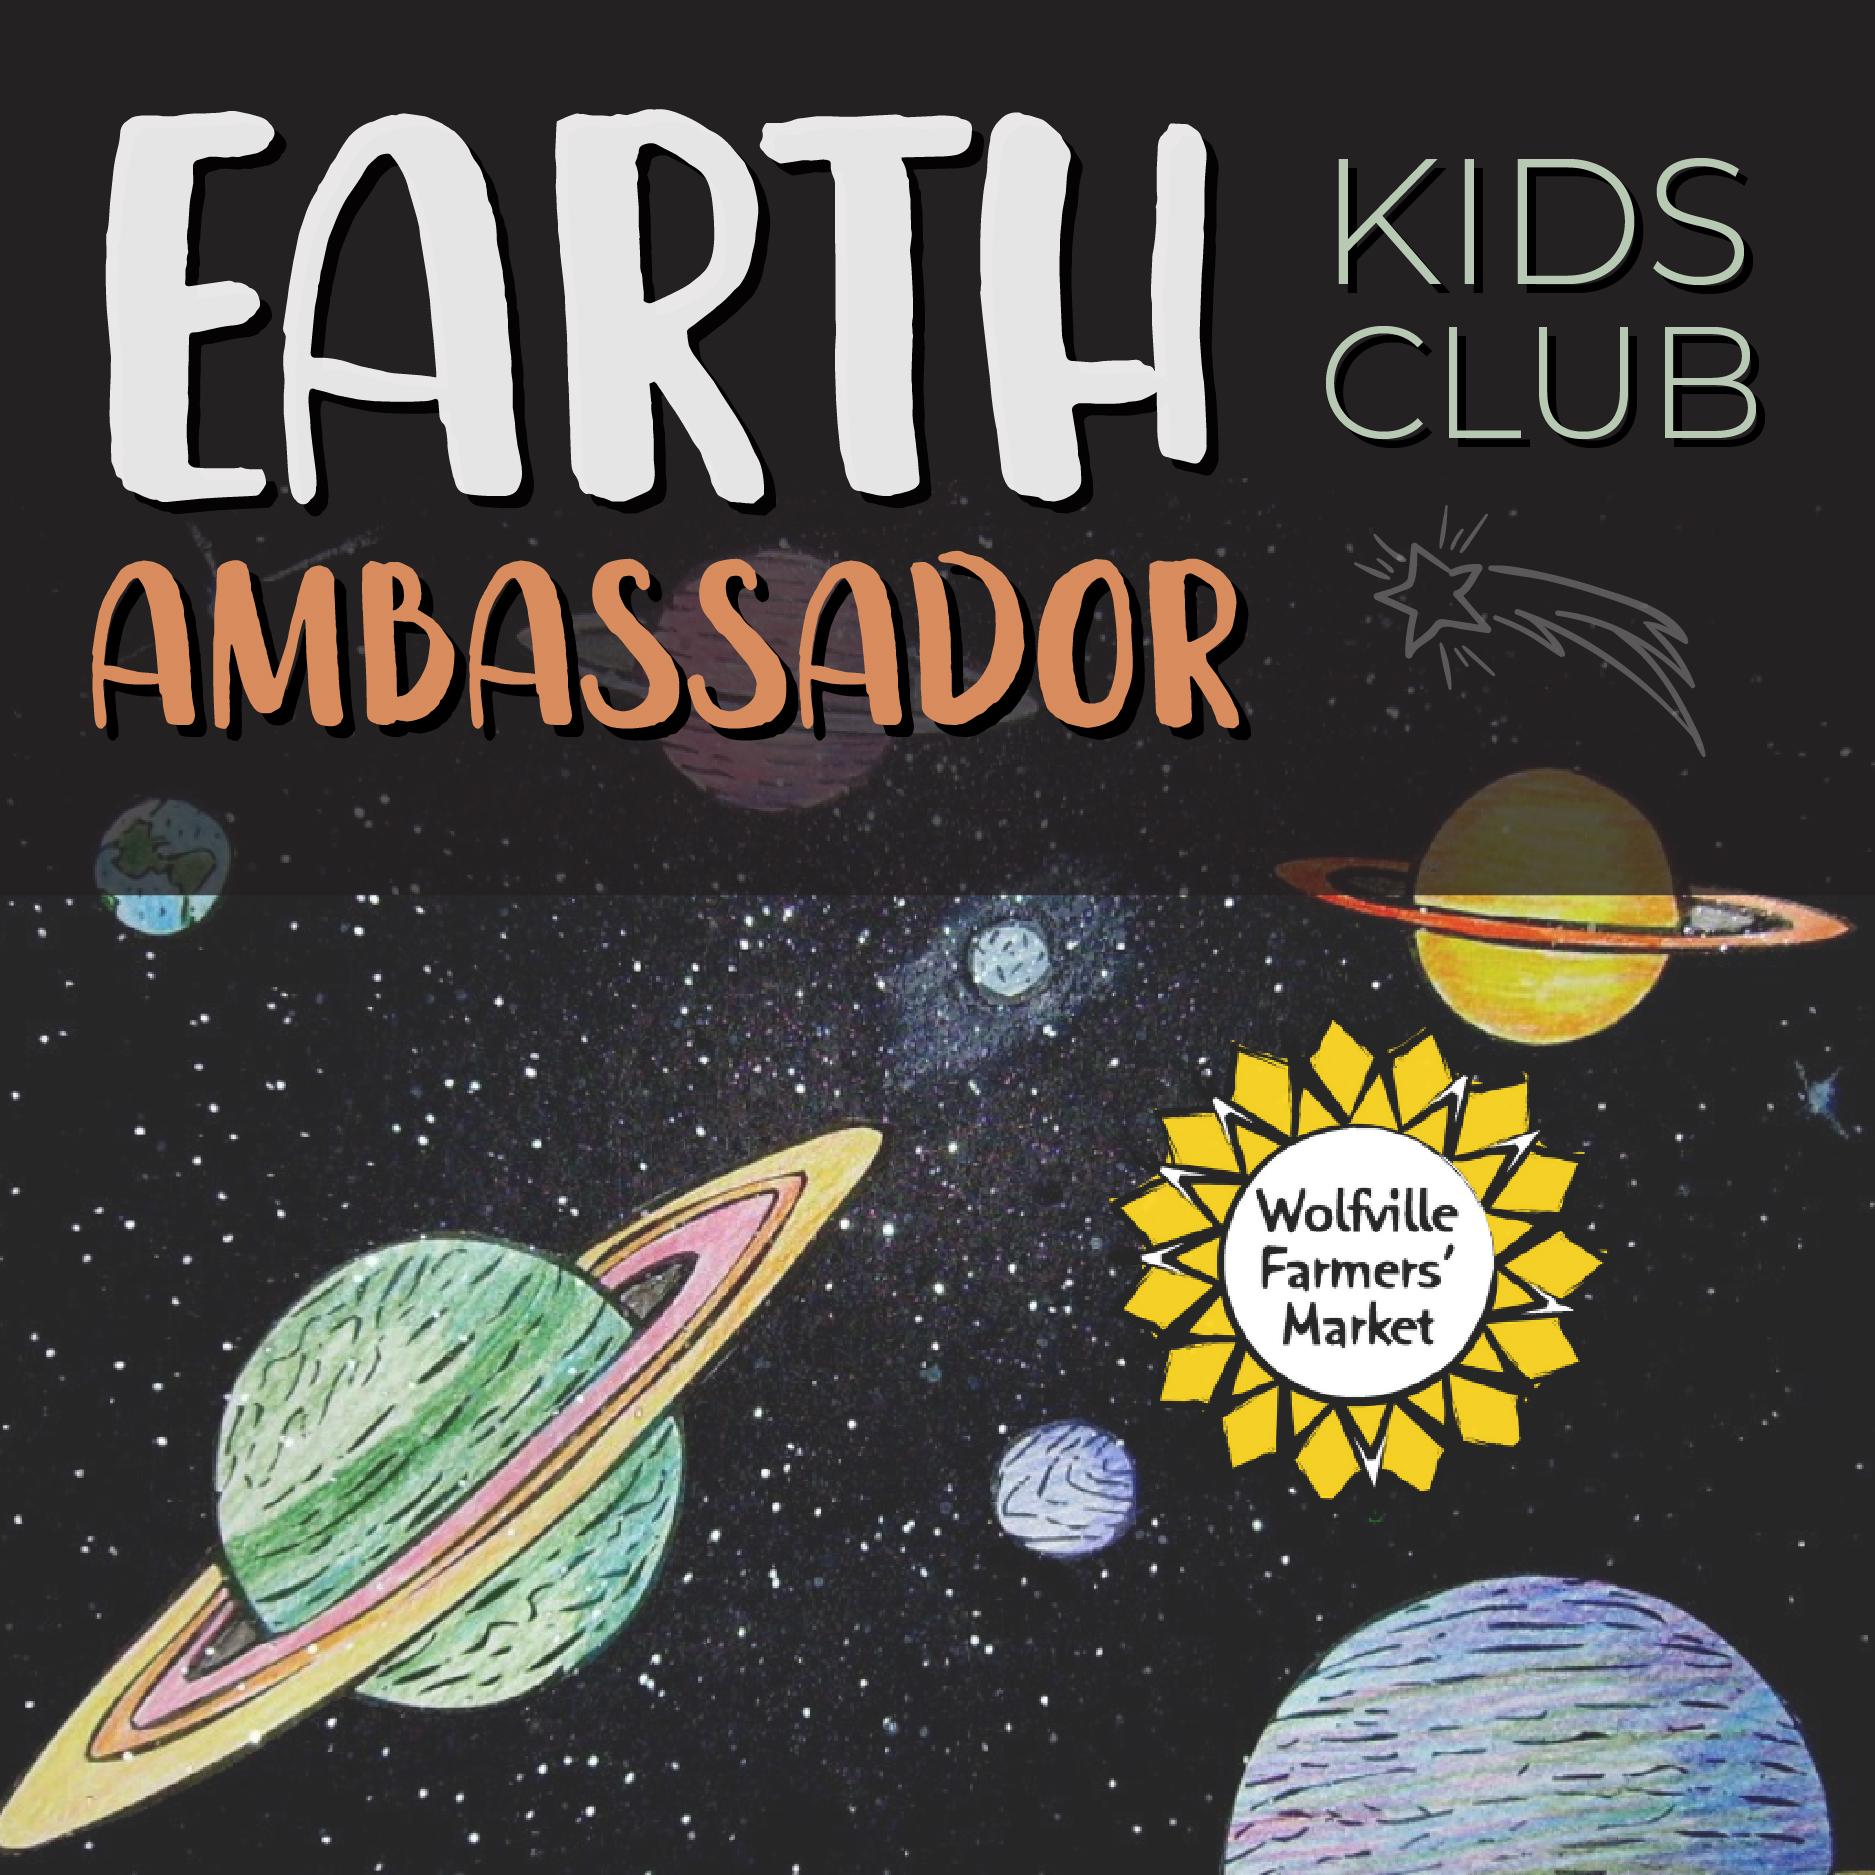 earthambassadors-socialmediagraphic.jpg